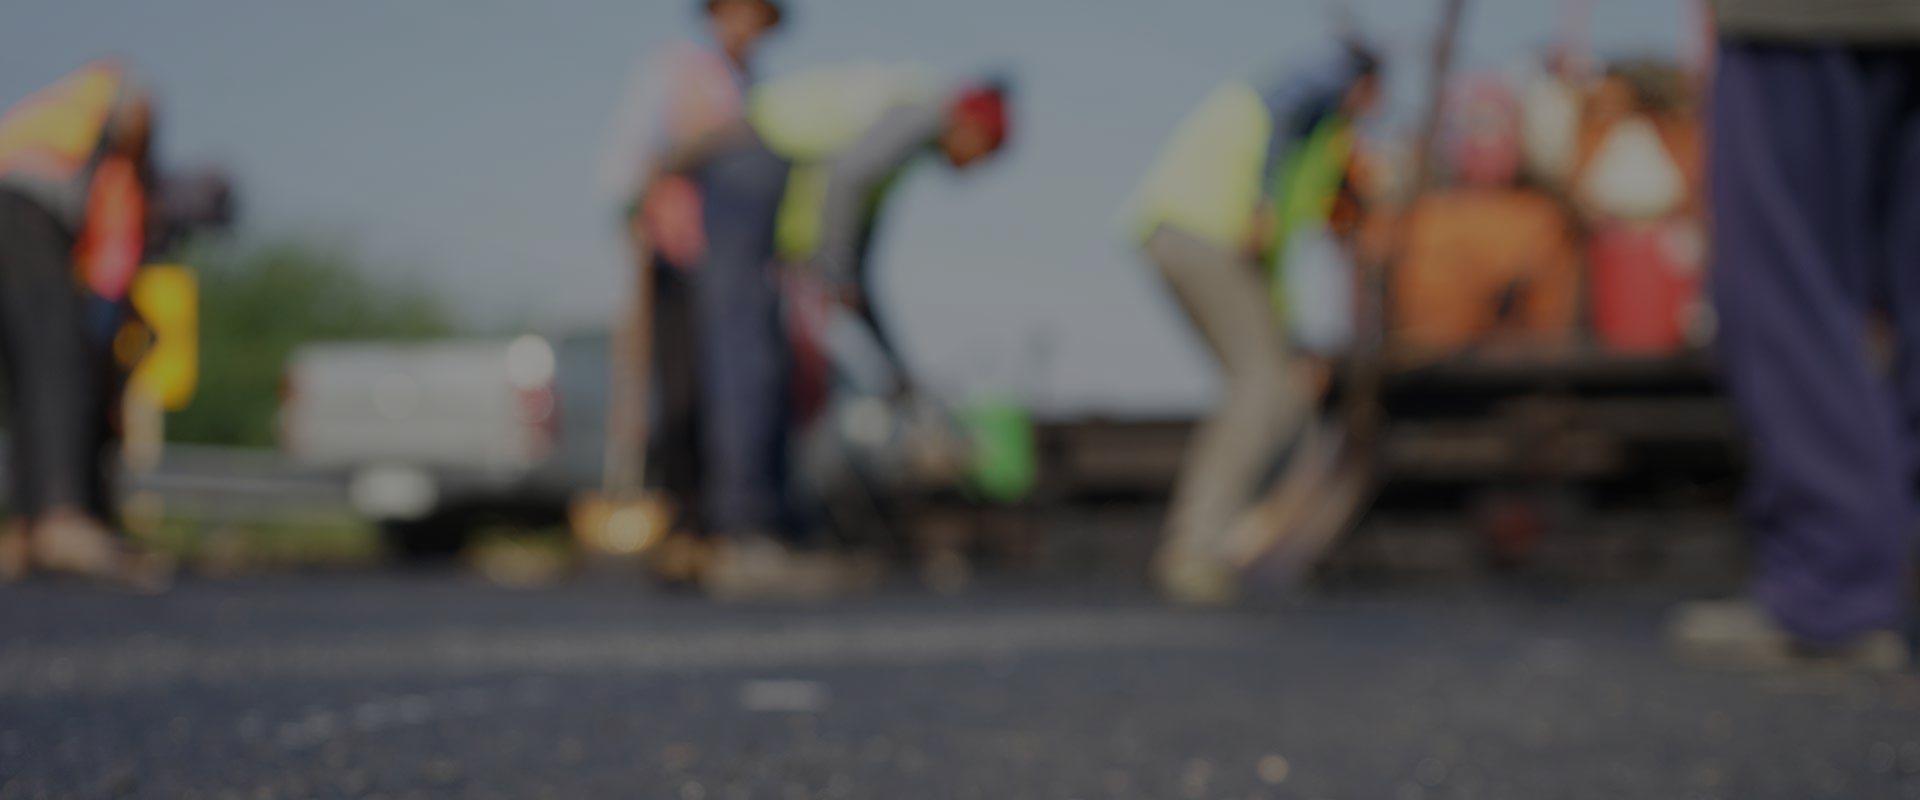 Asphalt Maintenance & Paving